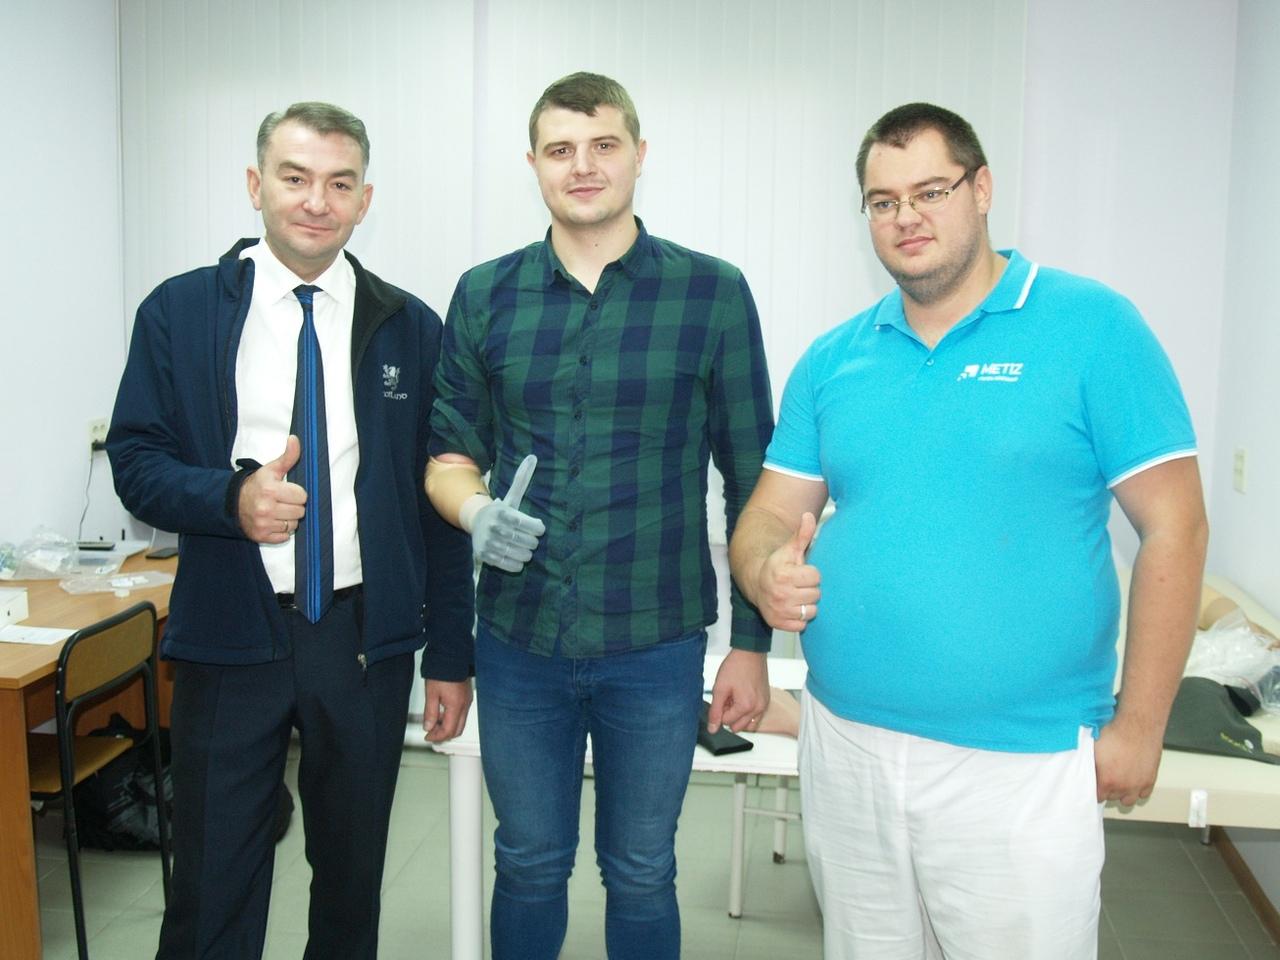 В Челябинске специалисты протезно-ортопедического центра совершили чудо – изготовили протез право